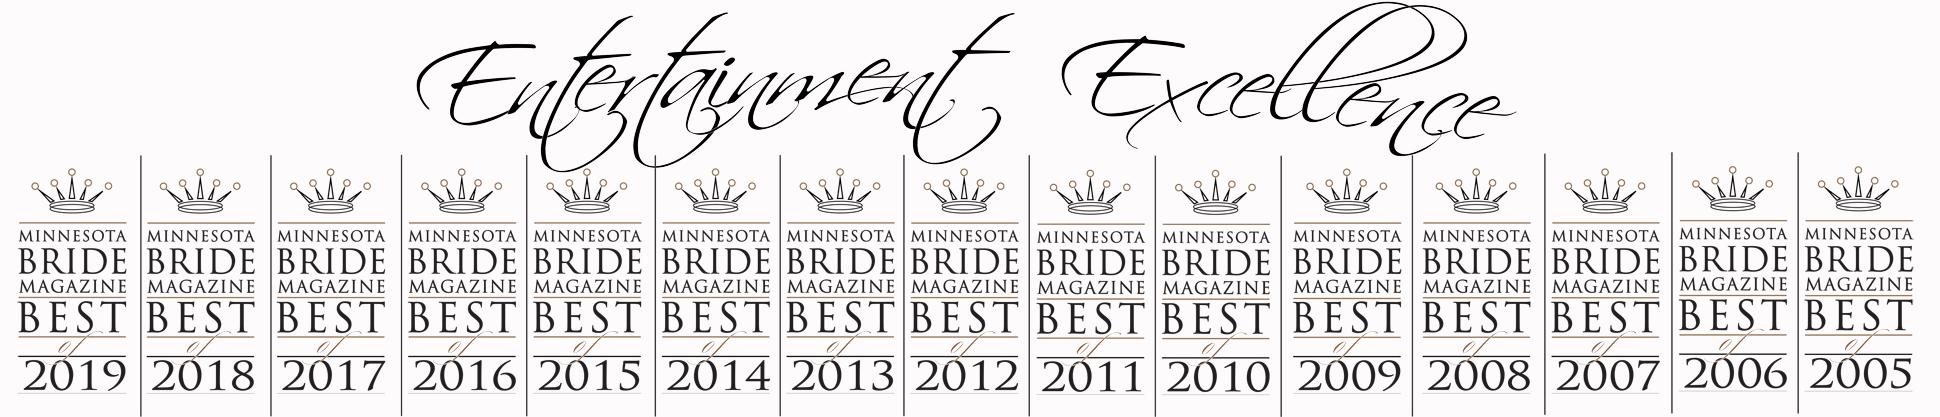 15 Consecutive MN Bride awards